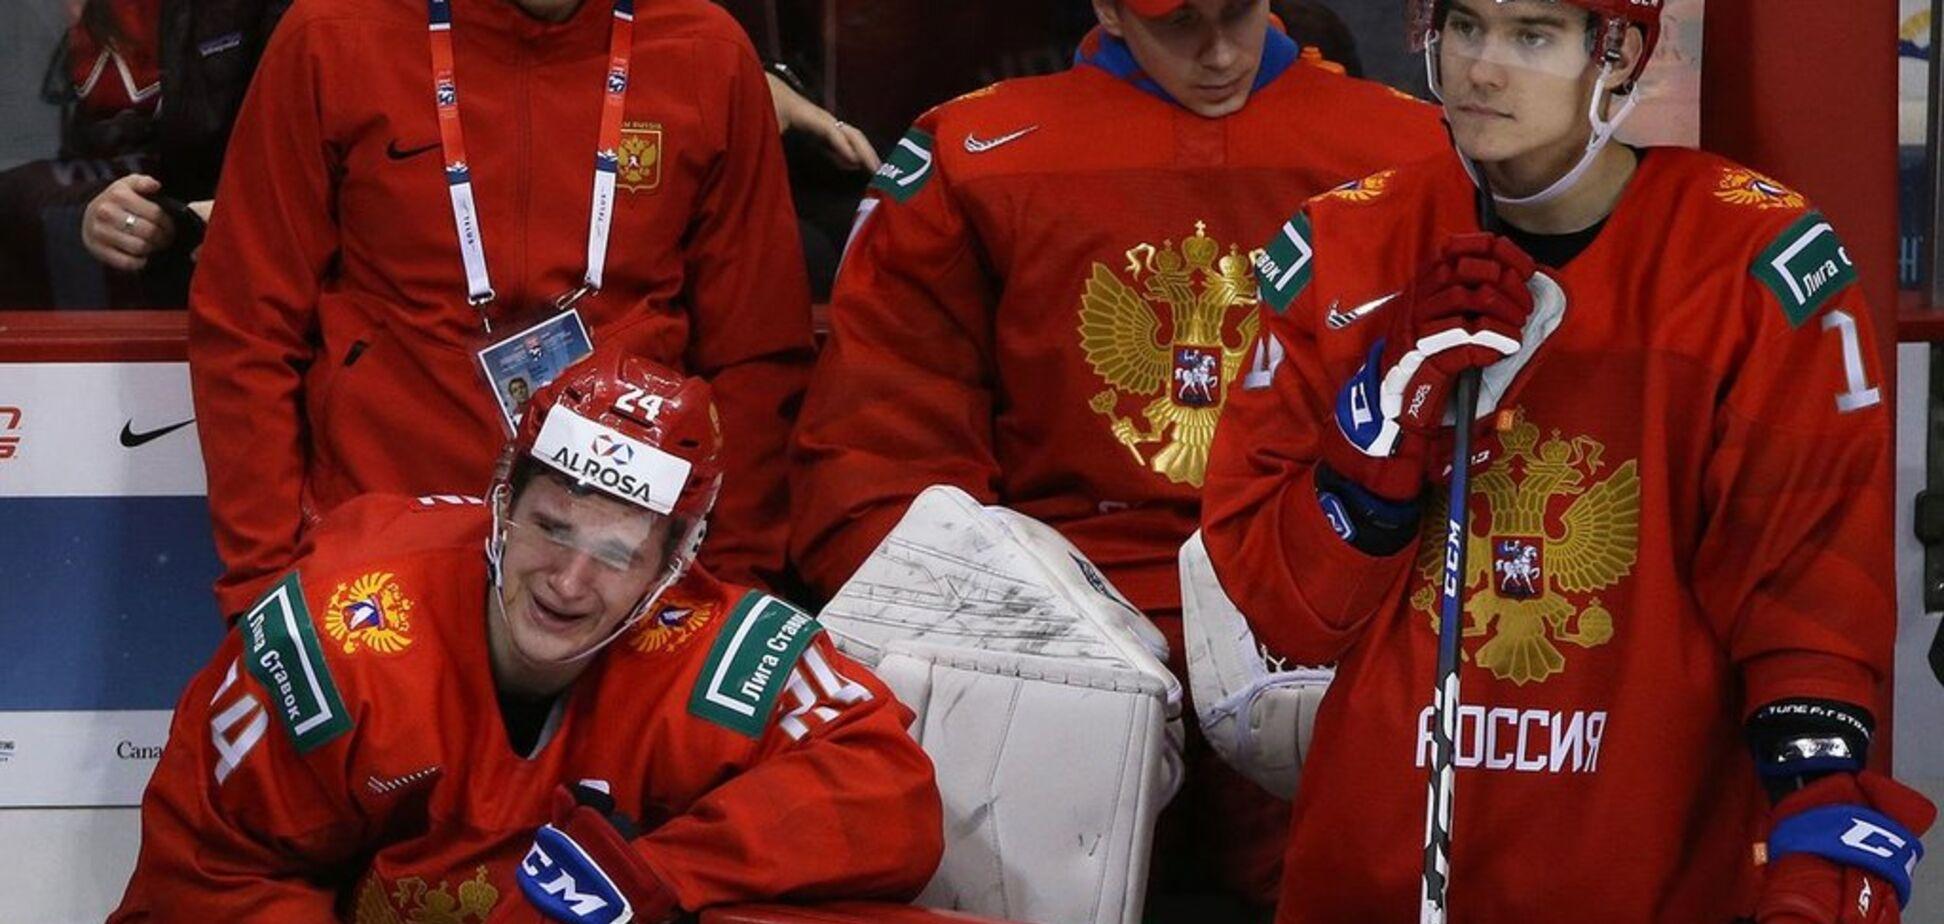 Российских хоккеистов довели до истерики на чемпионате мира